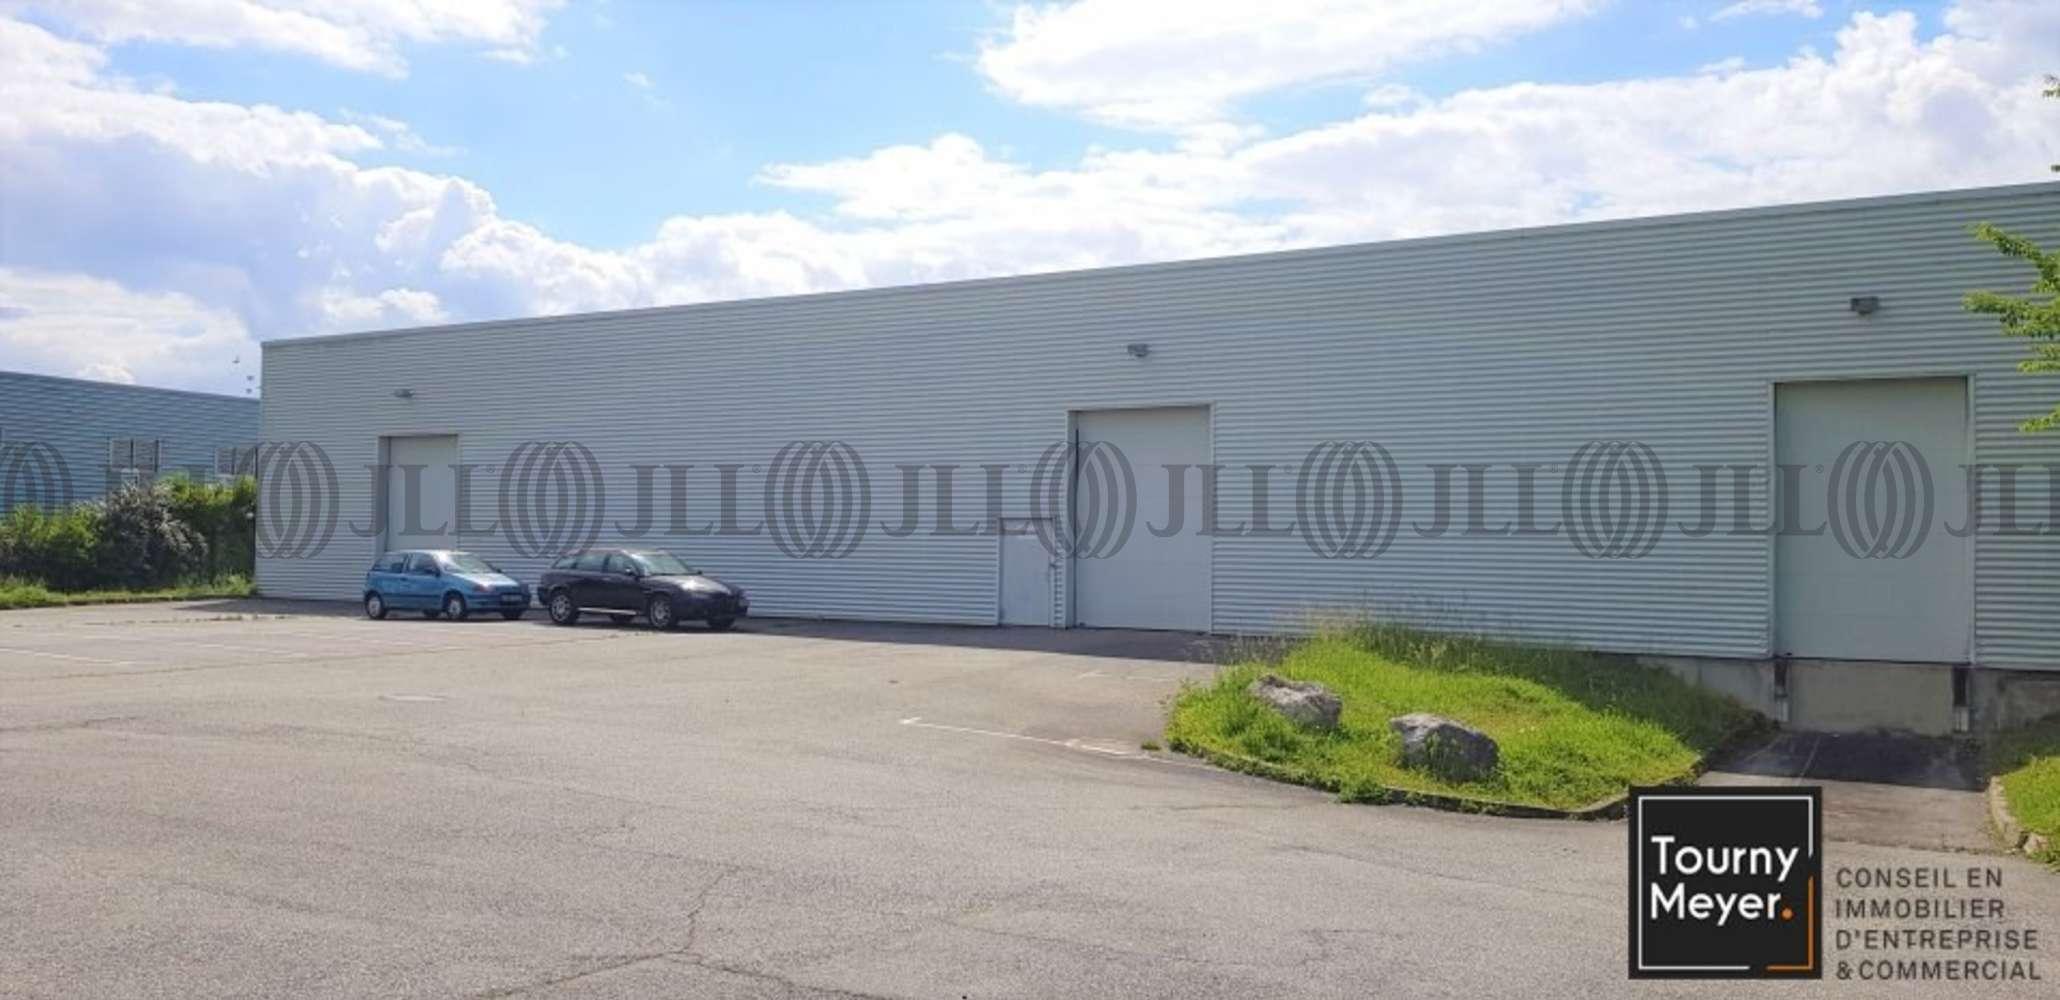 Activités/entrepôt Toulouse, 31200 - 23 RUE PAULE RAYMONDIS - 10765589